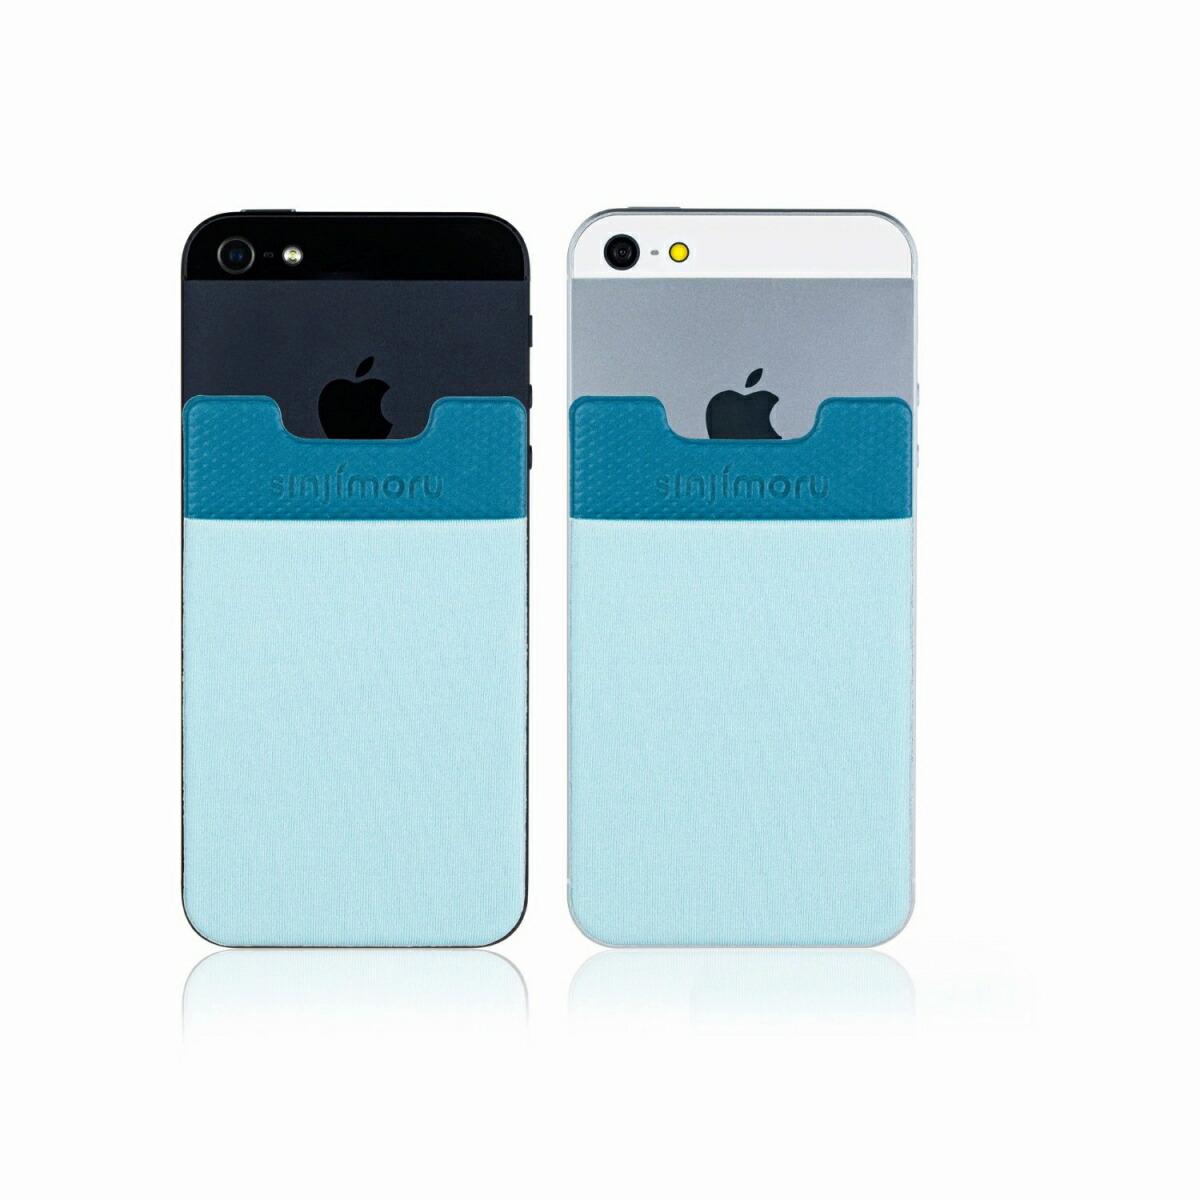 スマートフォンやタブレットなどに貼って剥がせるステッカーブルポケット 送料無料 ROOX 海外並行輸入正規品 ステッカーブルポケット Sinji Pouch Basic2 高級品 ライトブルー スマホアクセ icカード カード 人気 背面ポケット 収納ポケット スマホ アイフォン iPhone ステッカーポケット アイフォーンスマートフォン 激安 便利 簡単